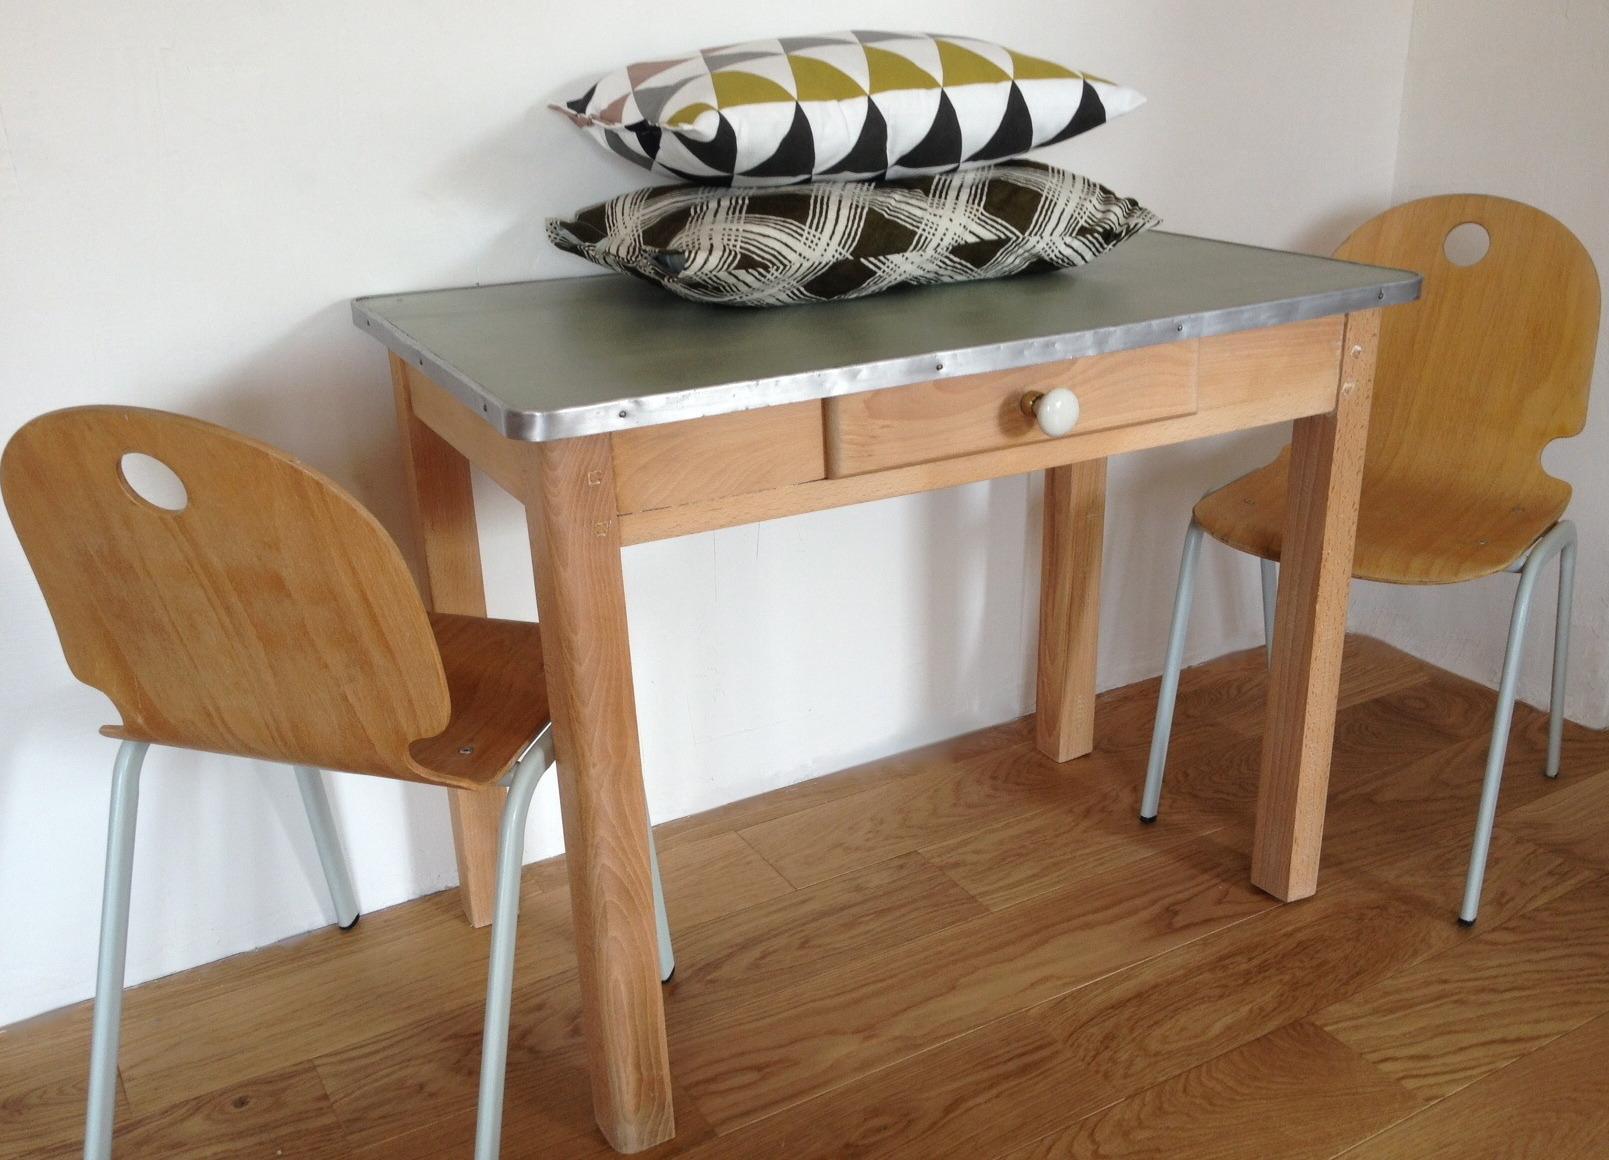 chaise de table b b archives page 3 sur 15 ouistitipop. Black Bedroom Furniture Sets. Home Design Ideas